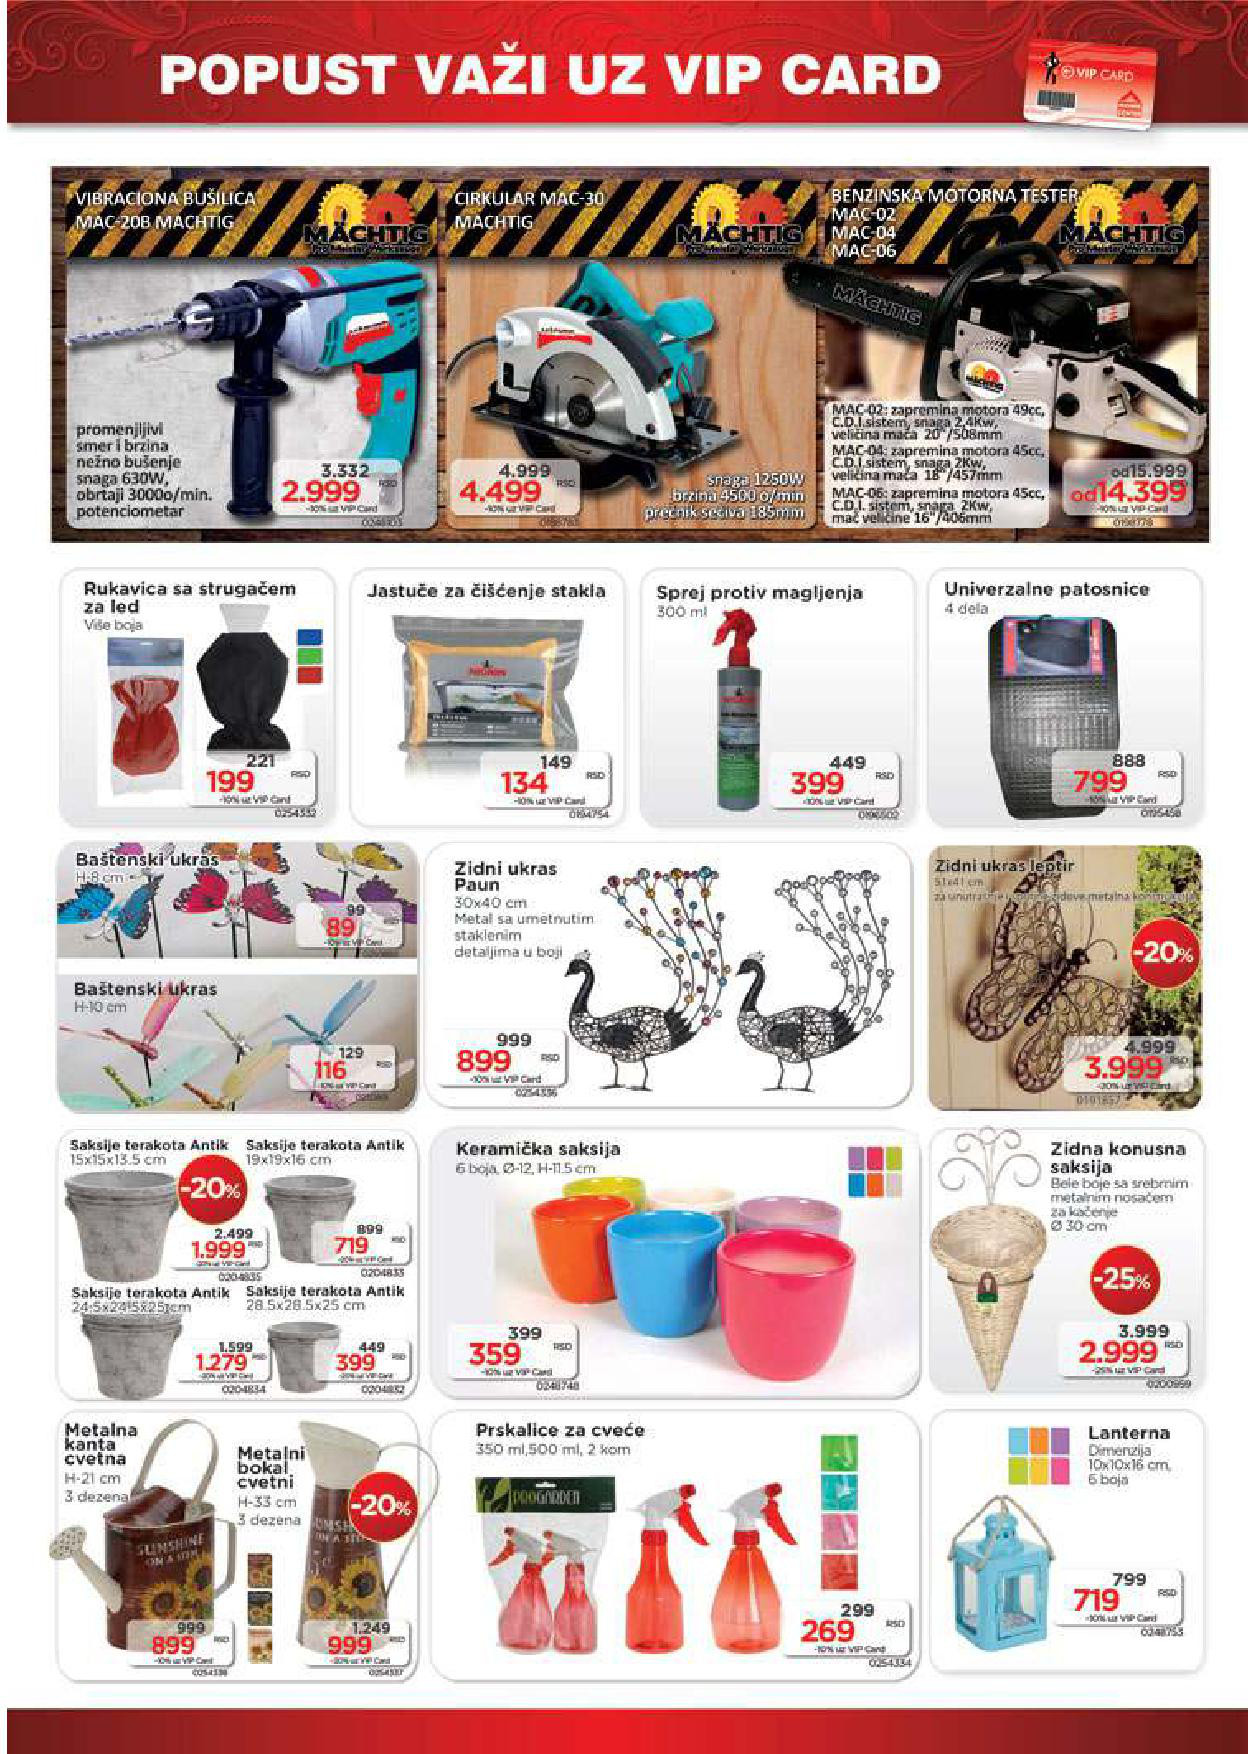 Home Centar katalog odlične kupovine